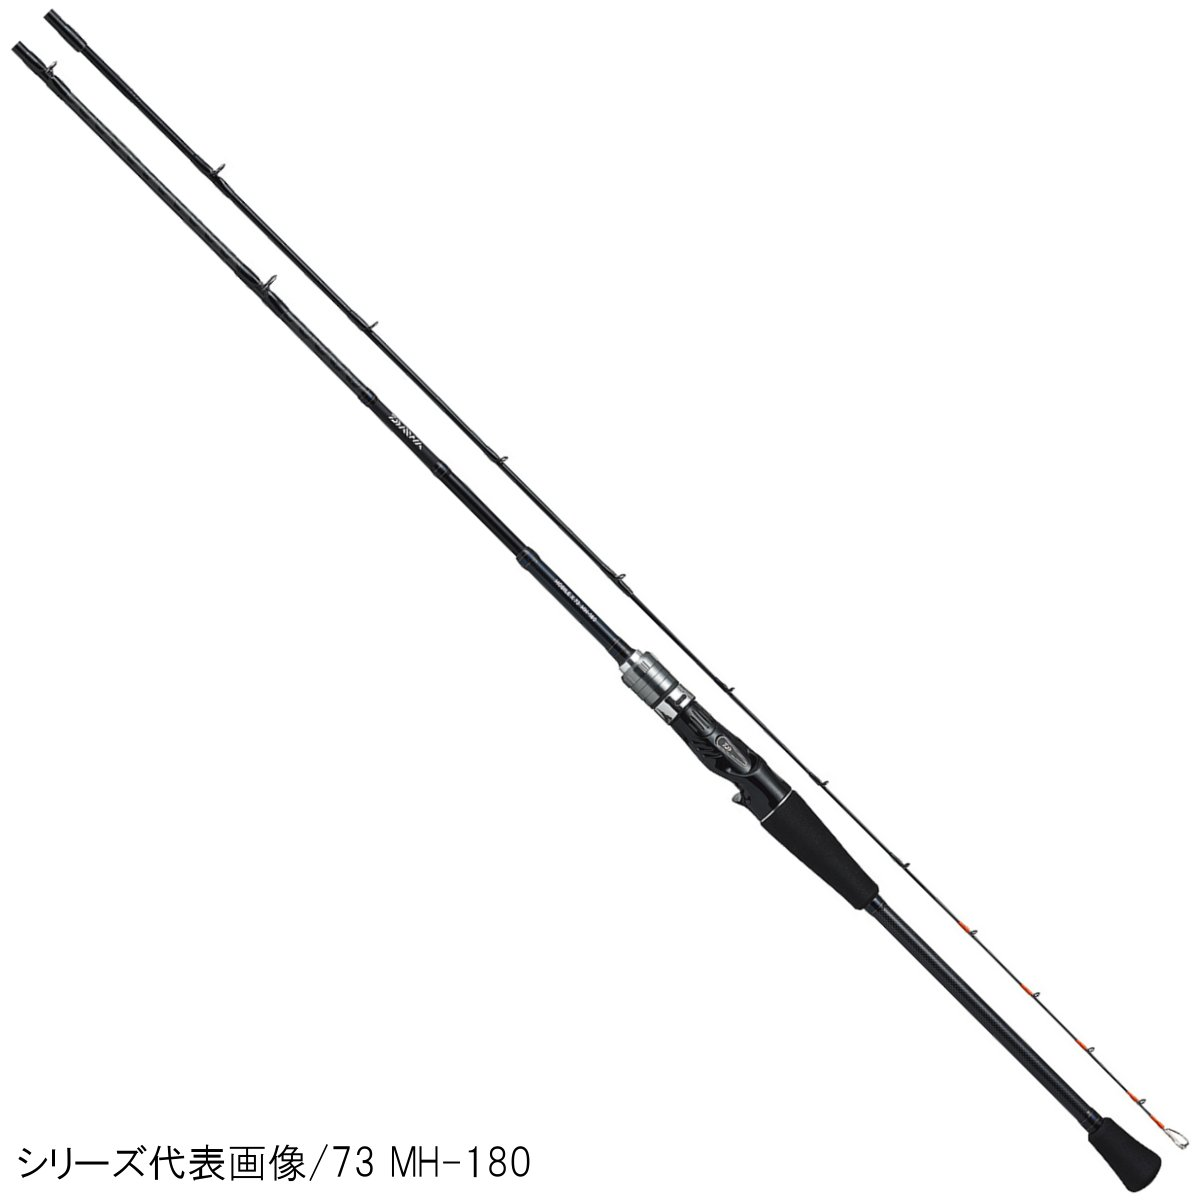 ダイワ モバイル X 82 M-180(東日本店)